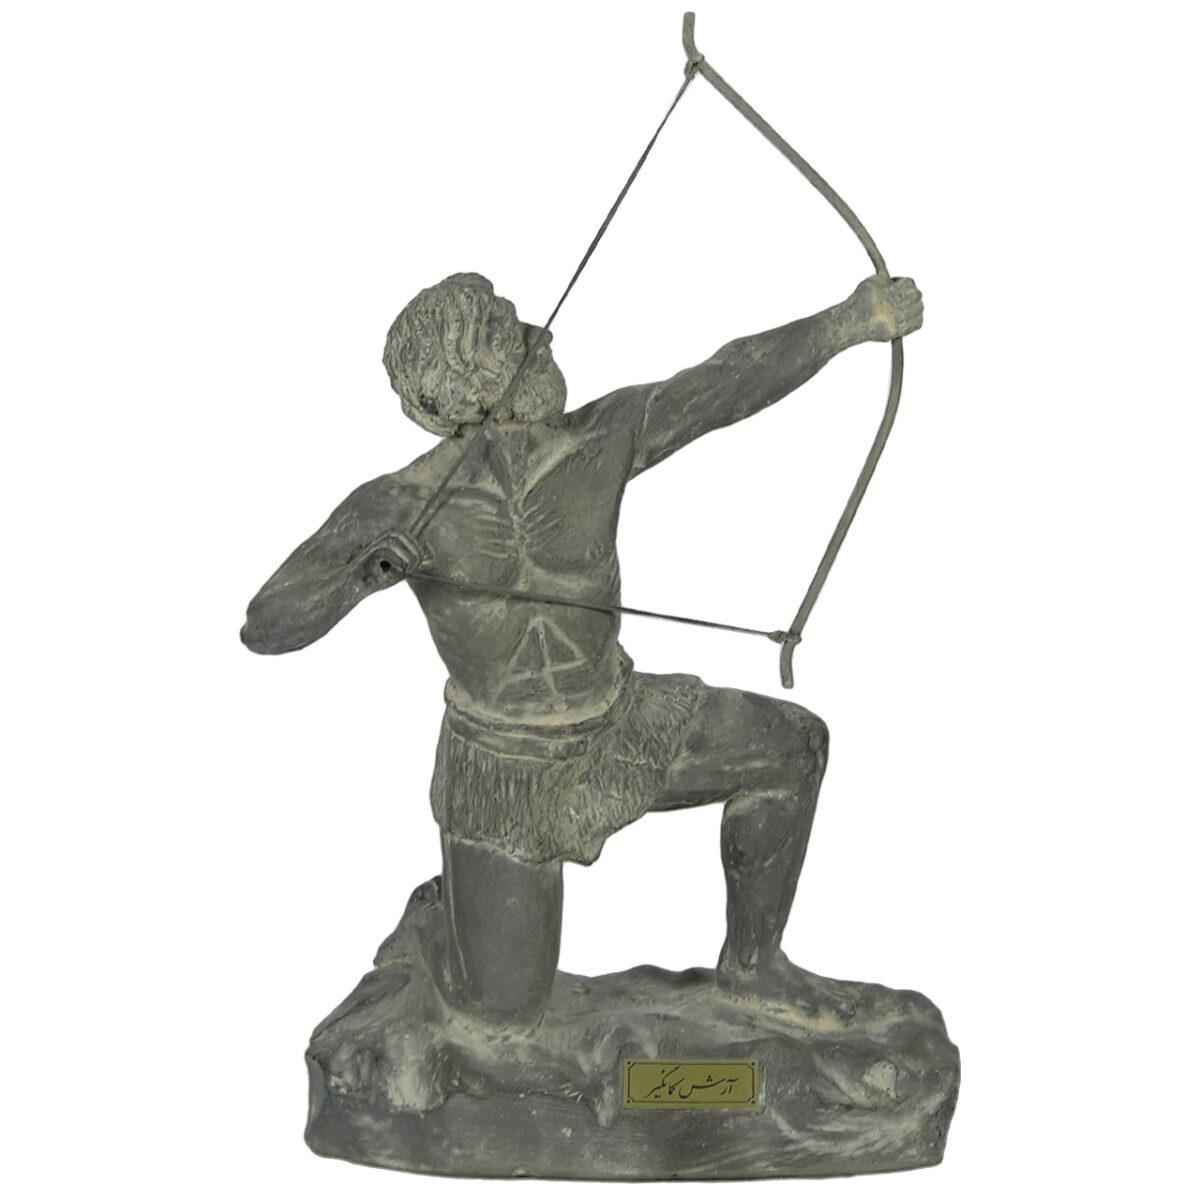 مجسمه تندیس و پیکره شهریار مدل تندیس آرش کمانگیر کد MO1600